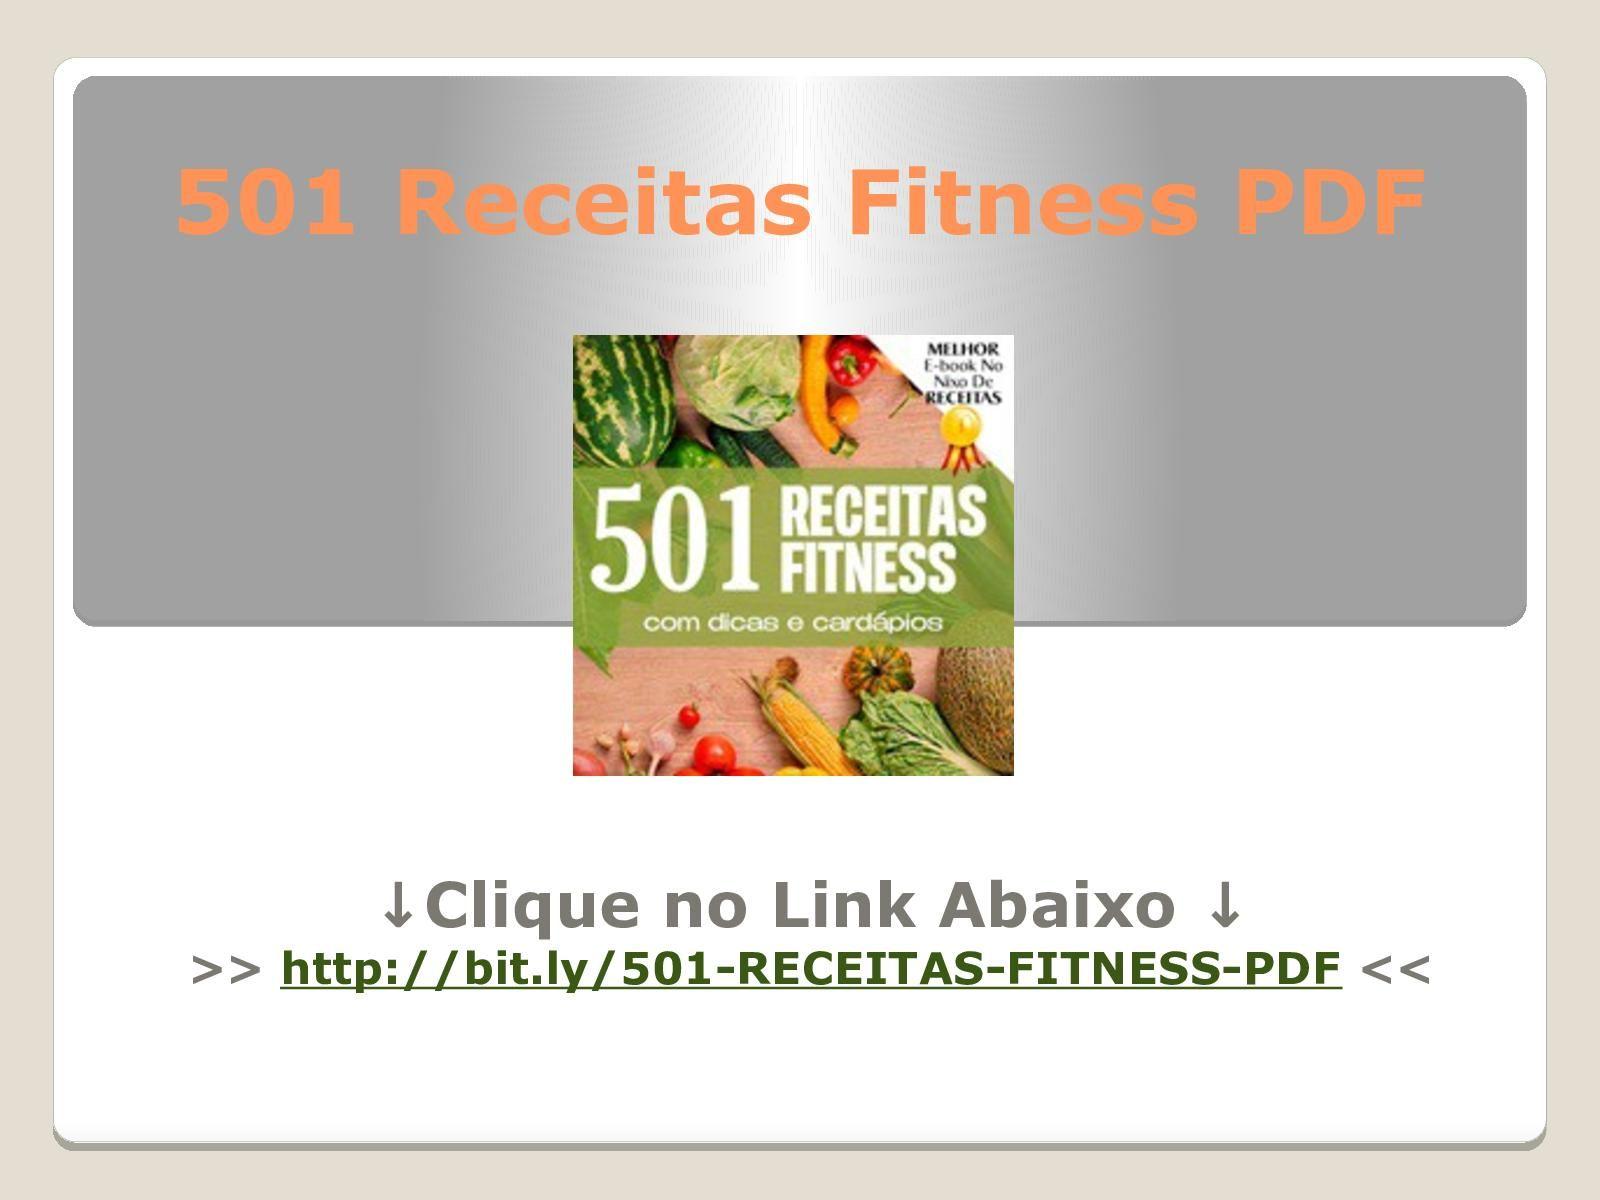 501 Receitas Fitness Pdf Download Gratis Em 2020 Receitas